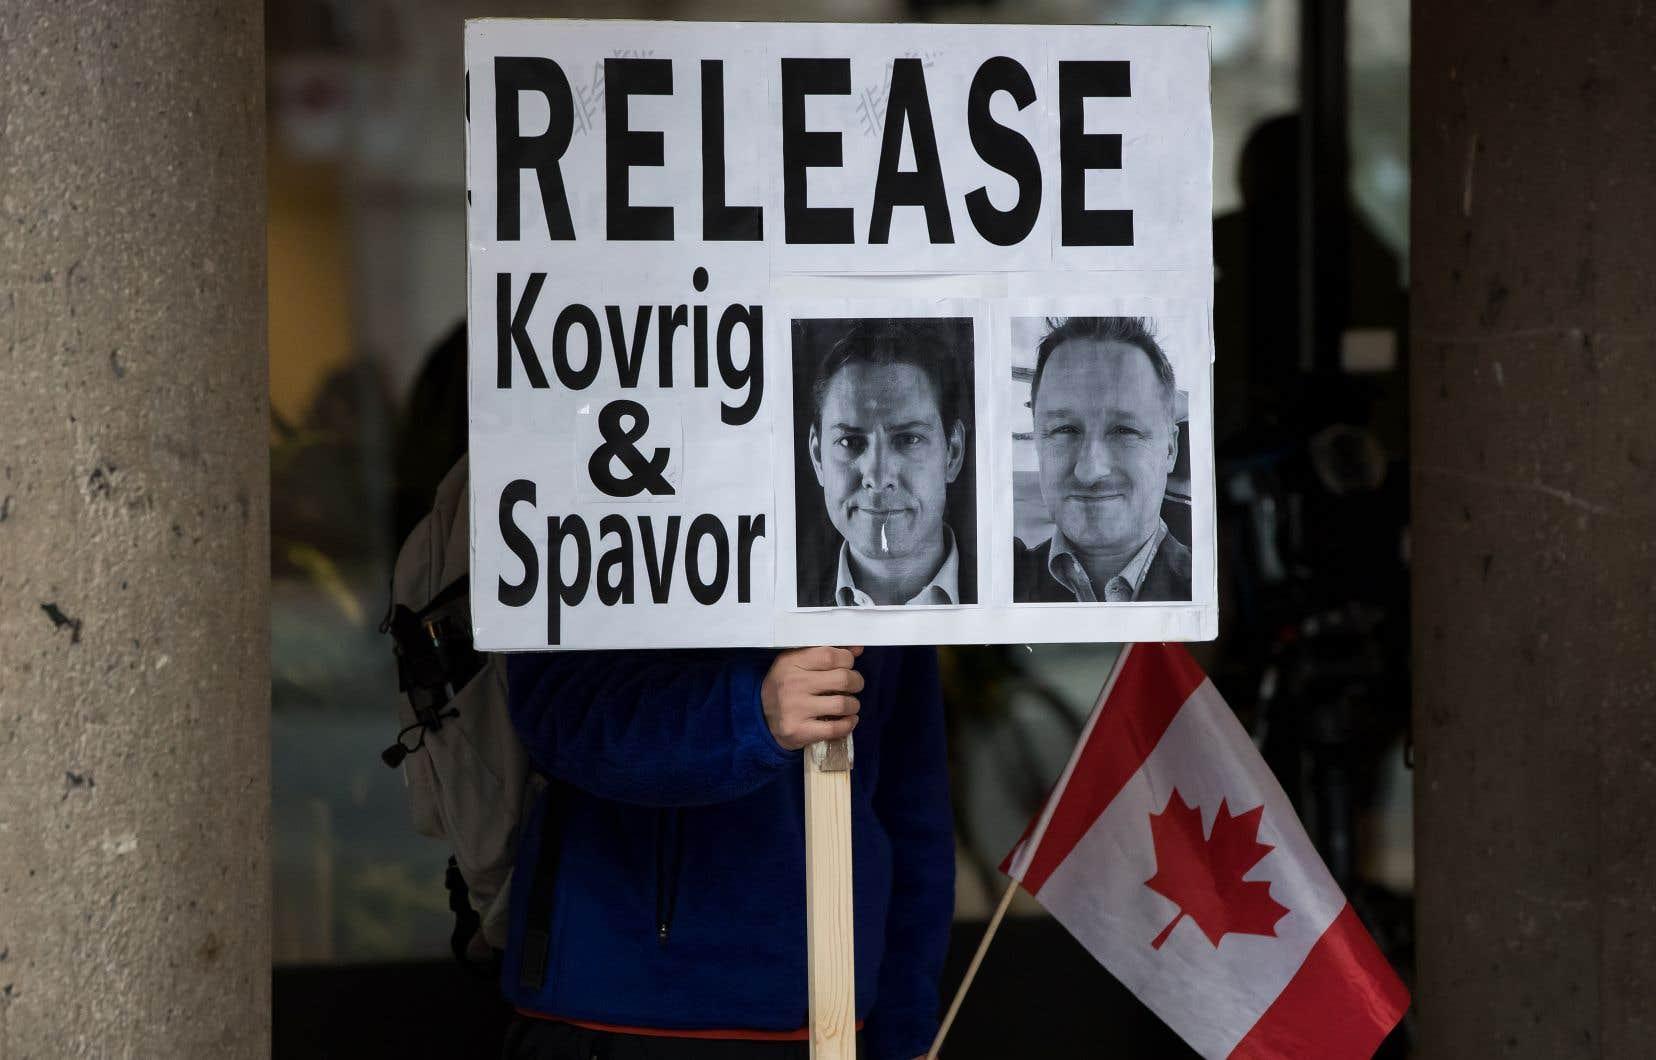 Michael Kovrig et Michael Spavor sont détenus en Chine depuis décembre 2018.